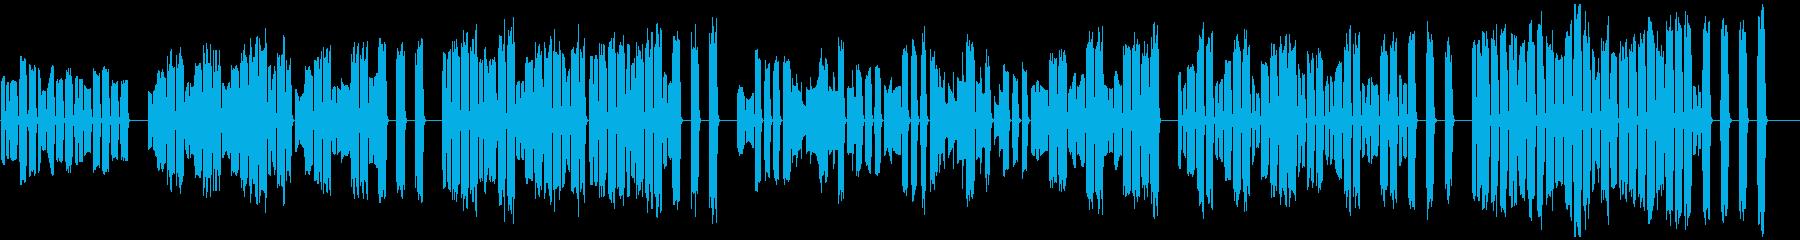 3分クッキングの原曲【シンセ】1の再生済みの波形